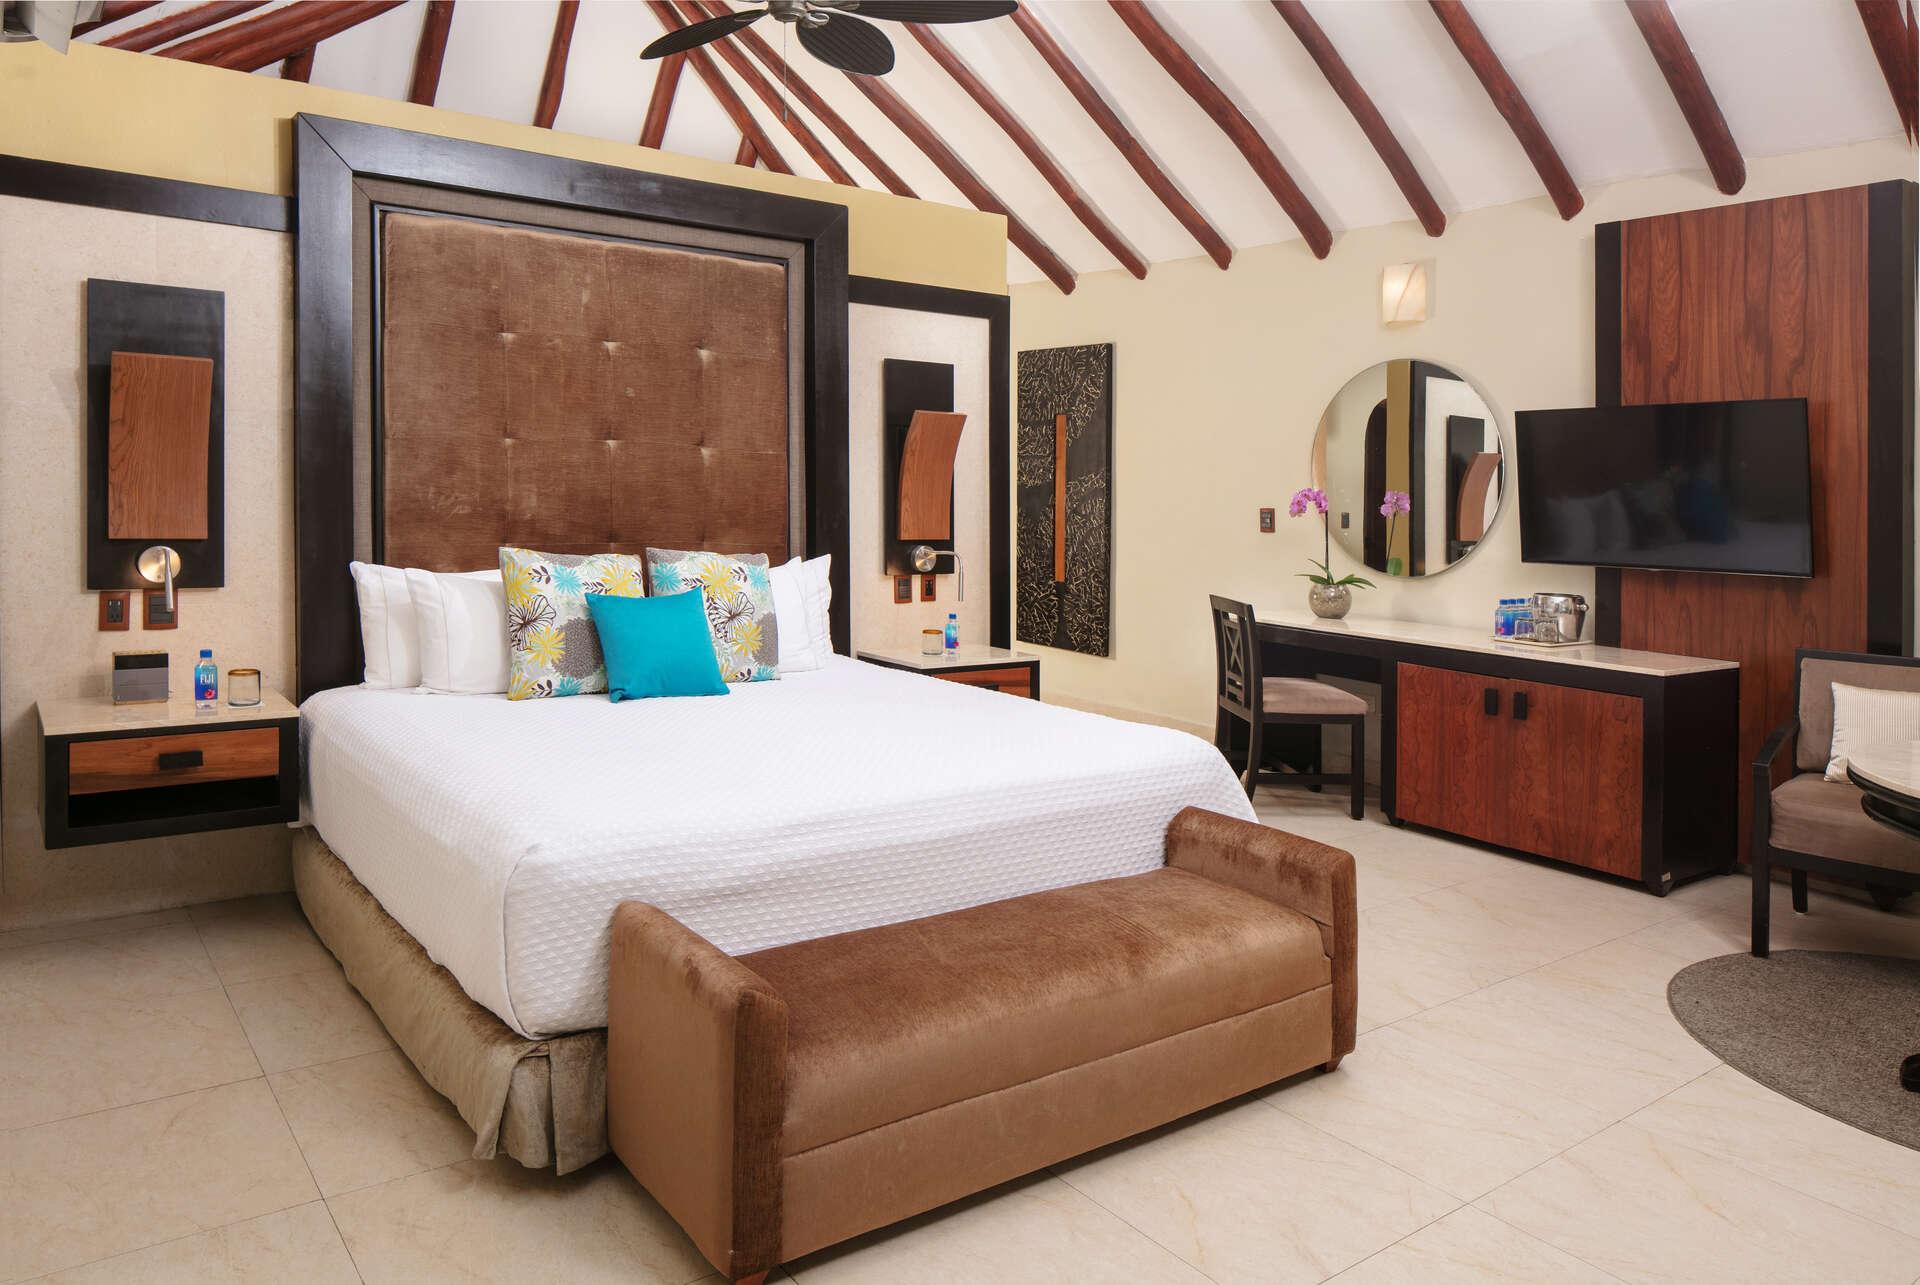 Luxury vacation rentals mexico - Riviera maya - Playa del carmen - El dorado casitas royale - Presidential Studio Infinity Pool Casita Suite - Image 1/8